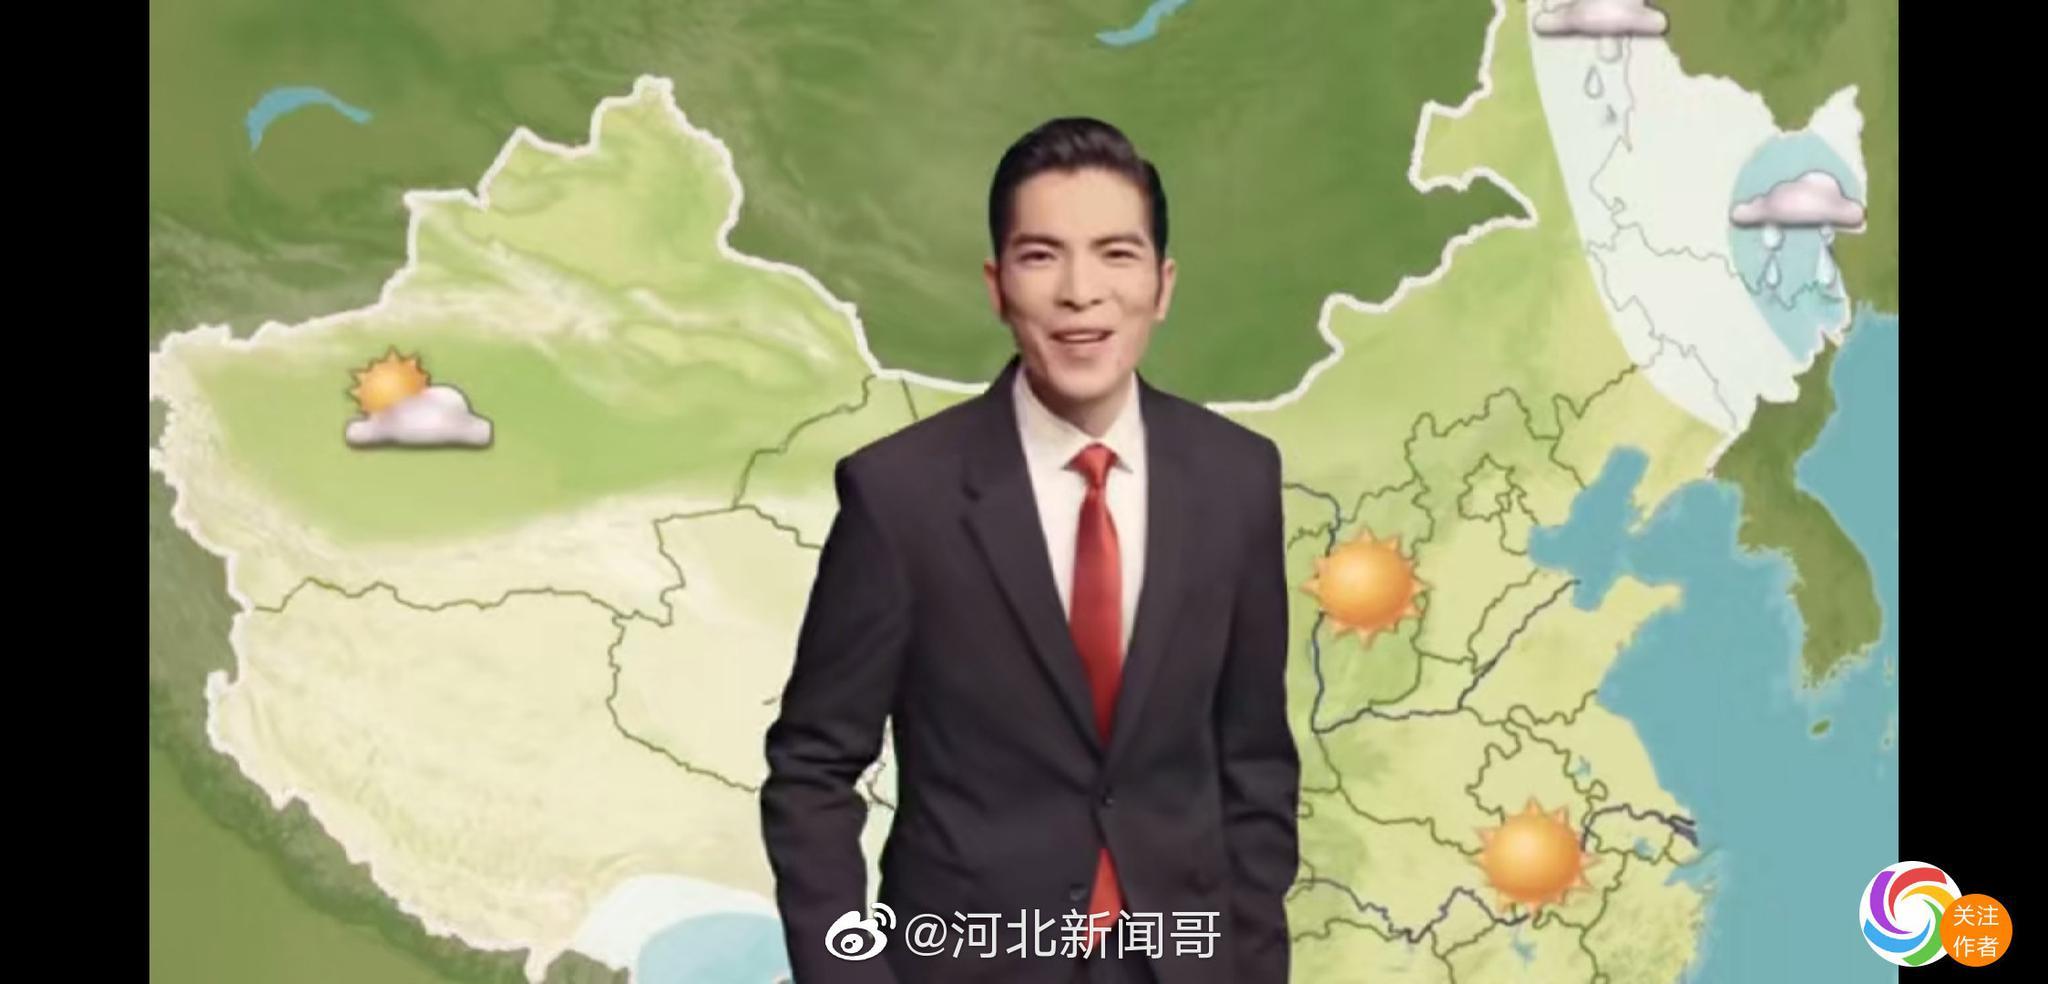 近日,中国气象局将推出年度宣传大片